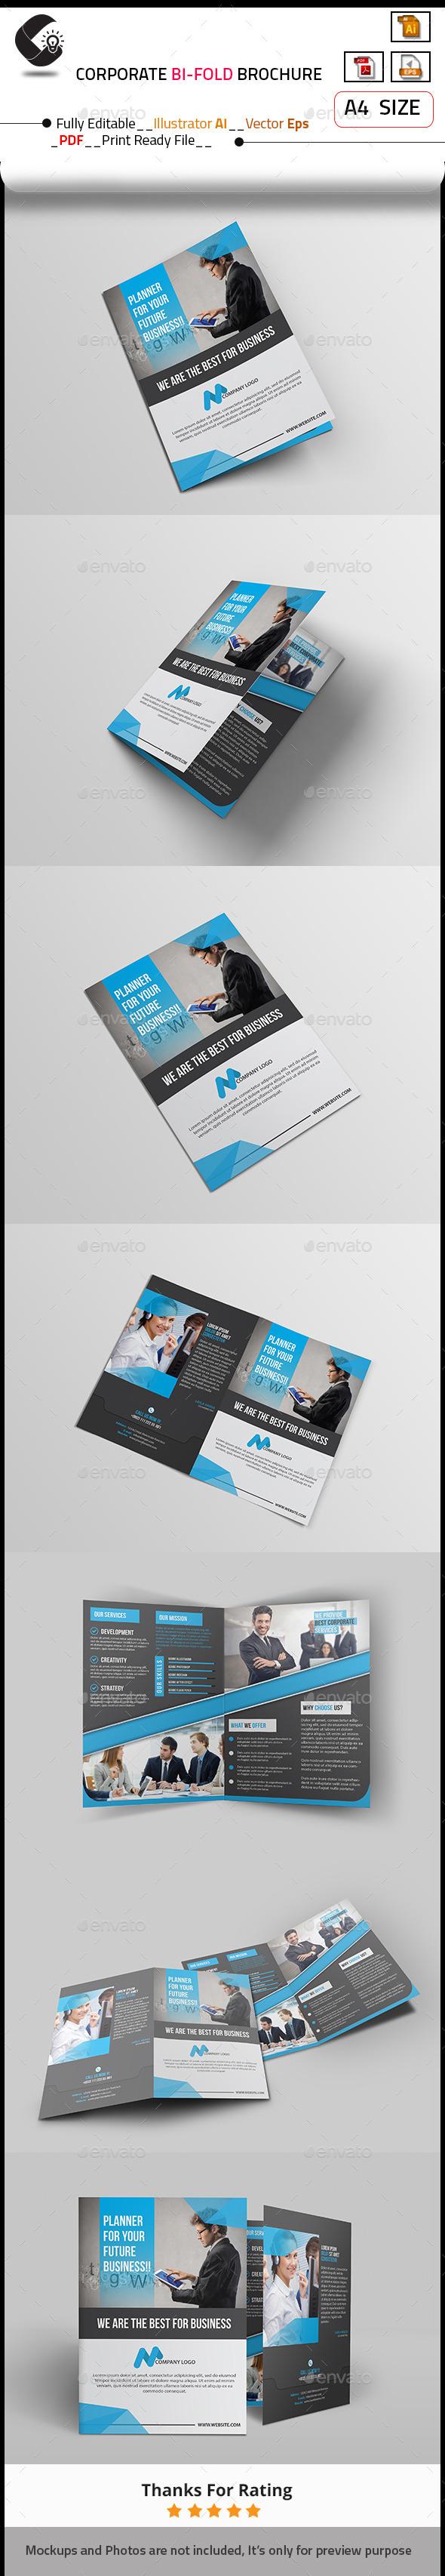 GraphicRiver Corporate Brochure 10585875